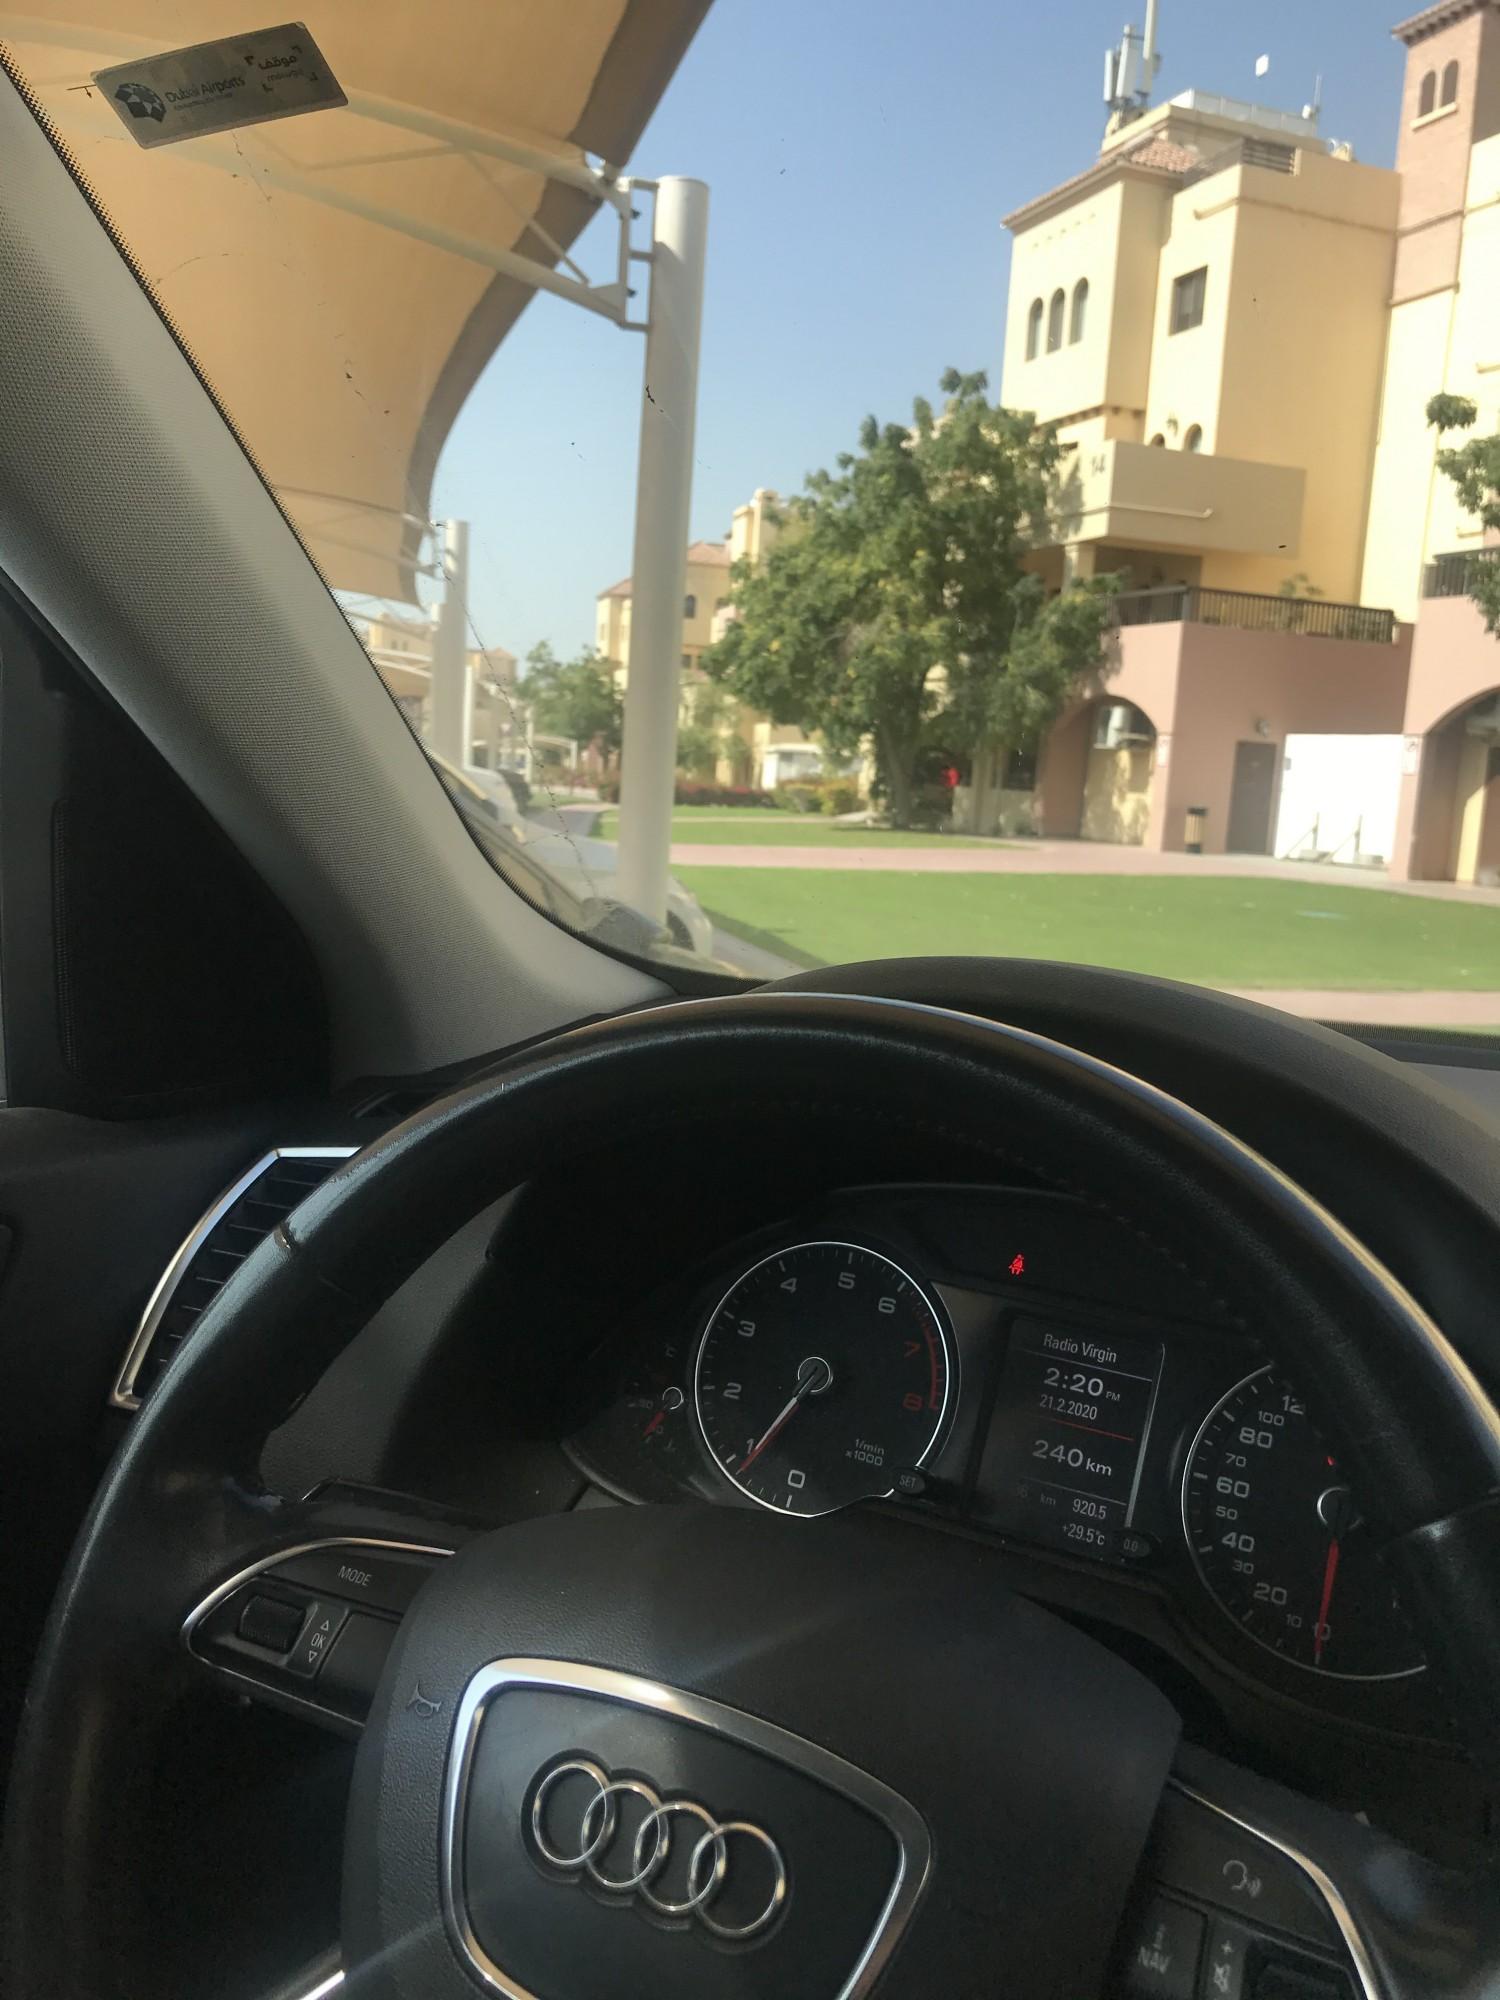 один мой выходной в Дубае, Объединенные Арабские Эмираты, фото 4